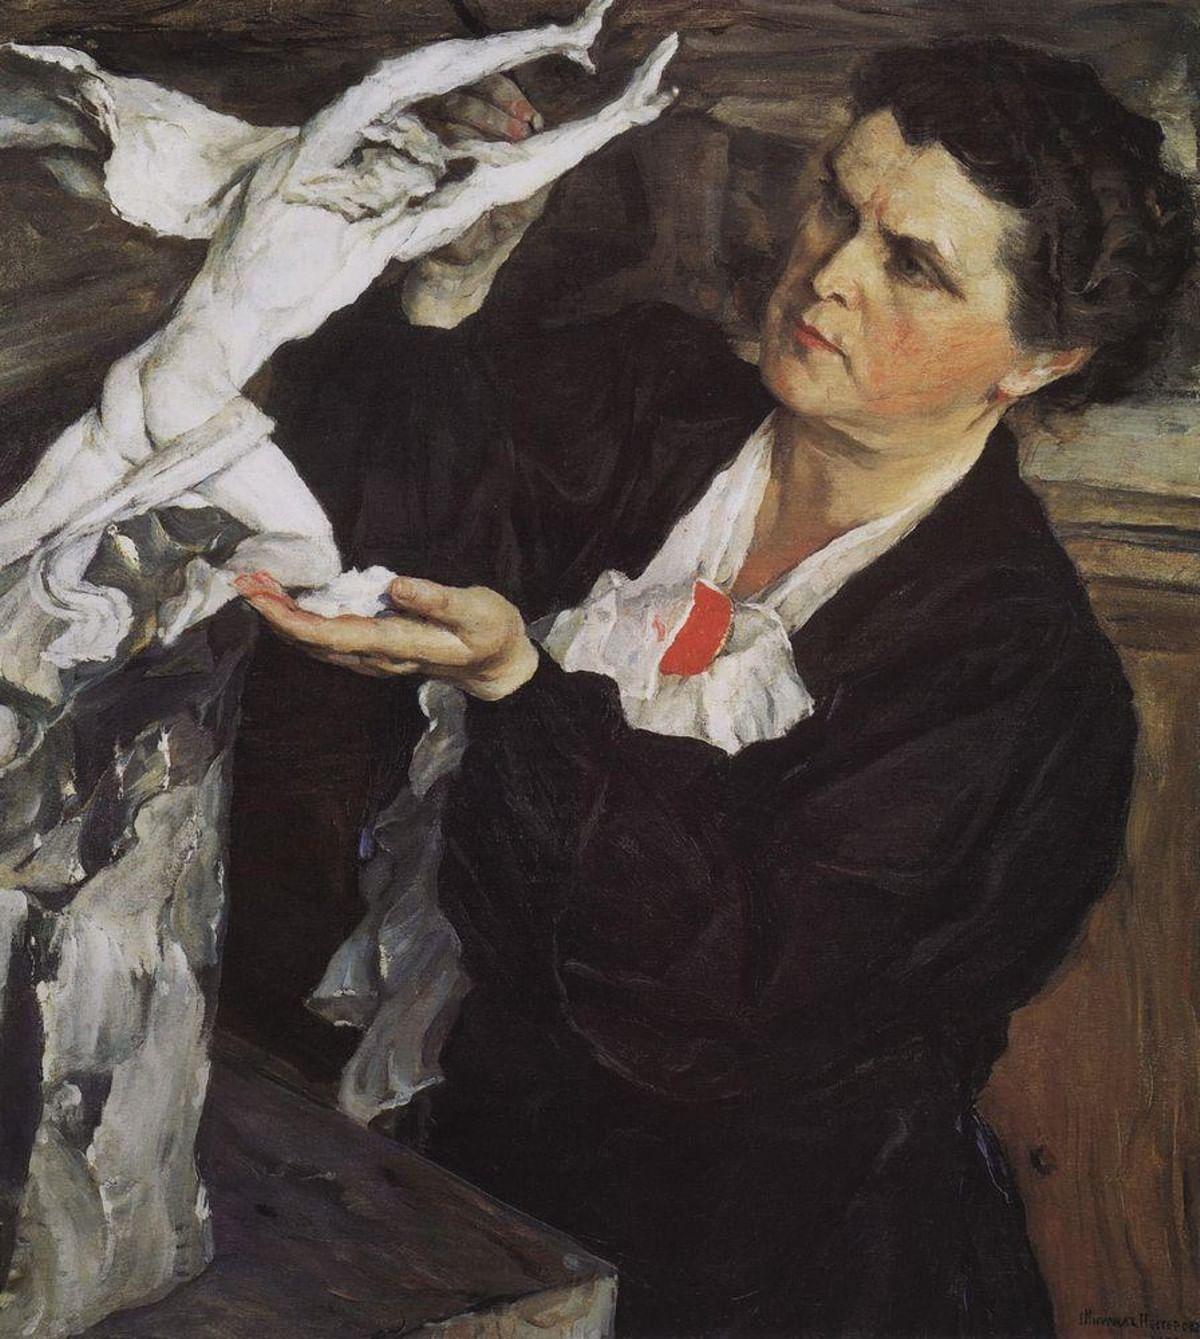 Первая дама советской скульптуры. 10 фактов о Вере Мухиной. Галерея 5